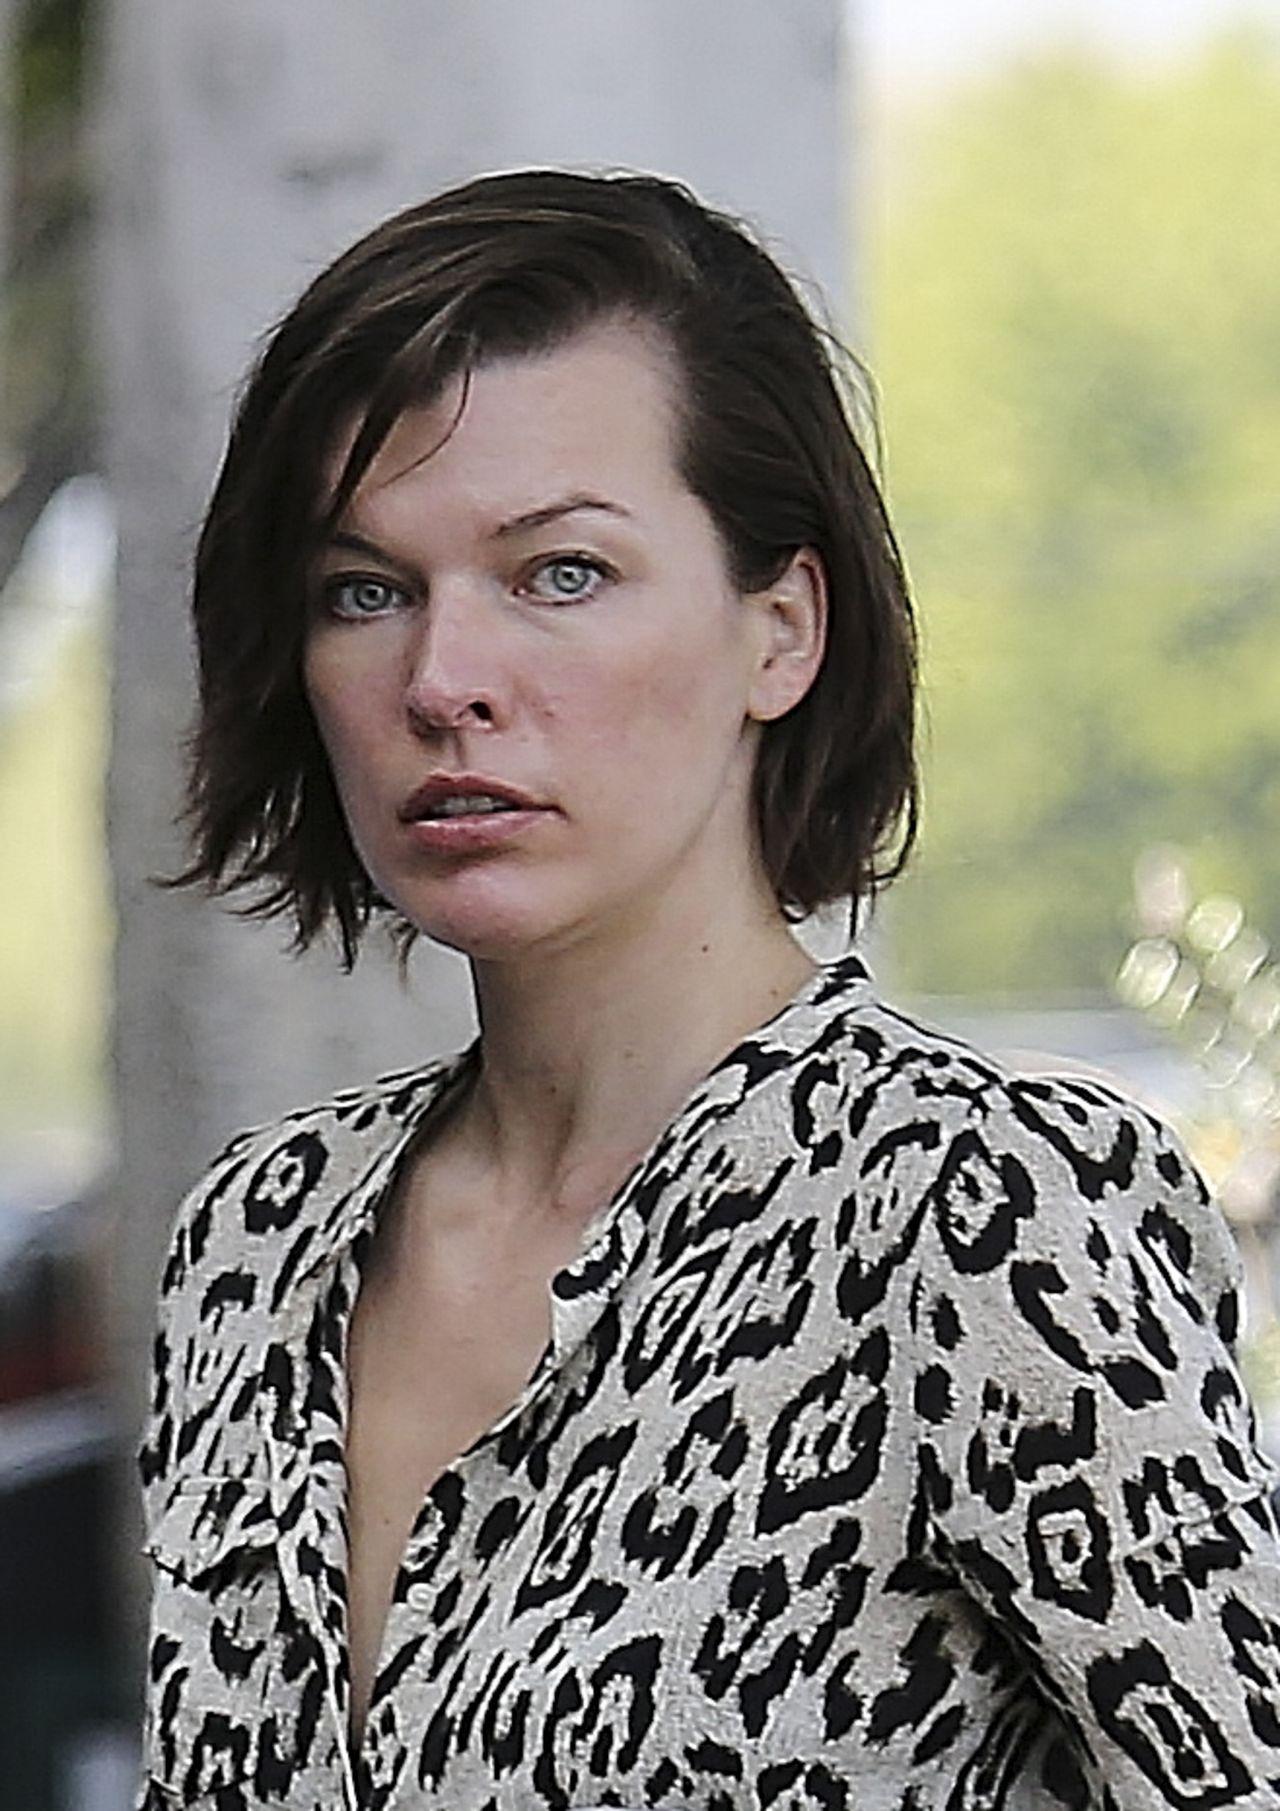 Milla Jovovich Latest Photos - CelebMafia Milla Jovovich